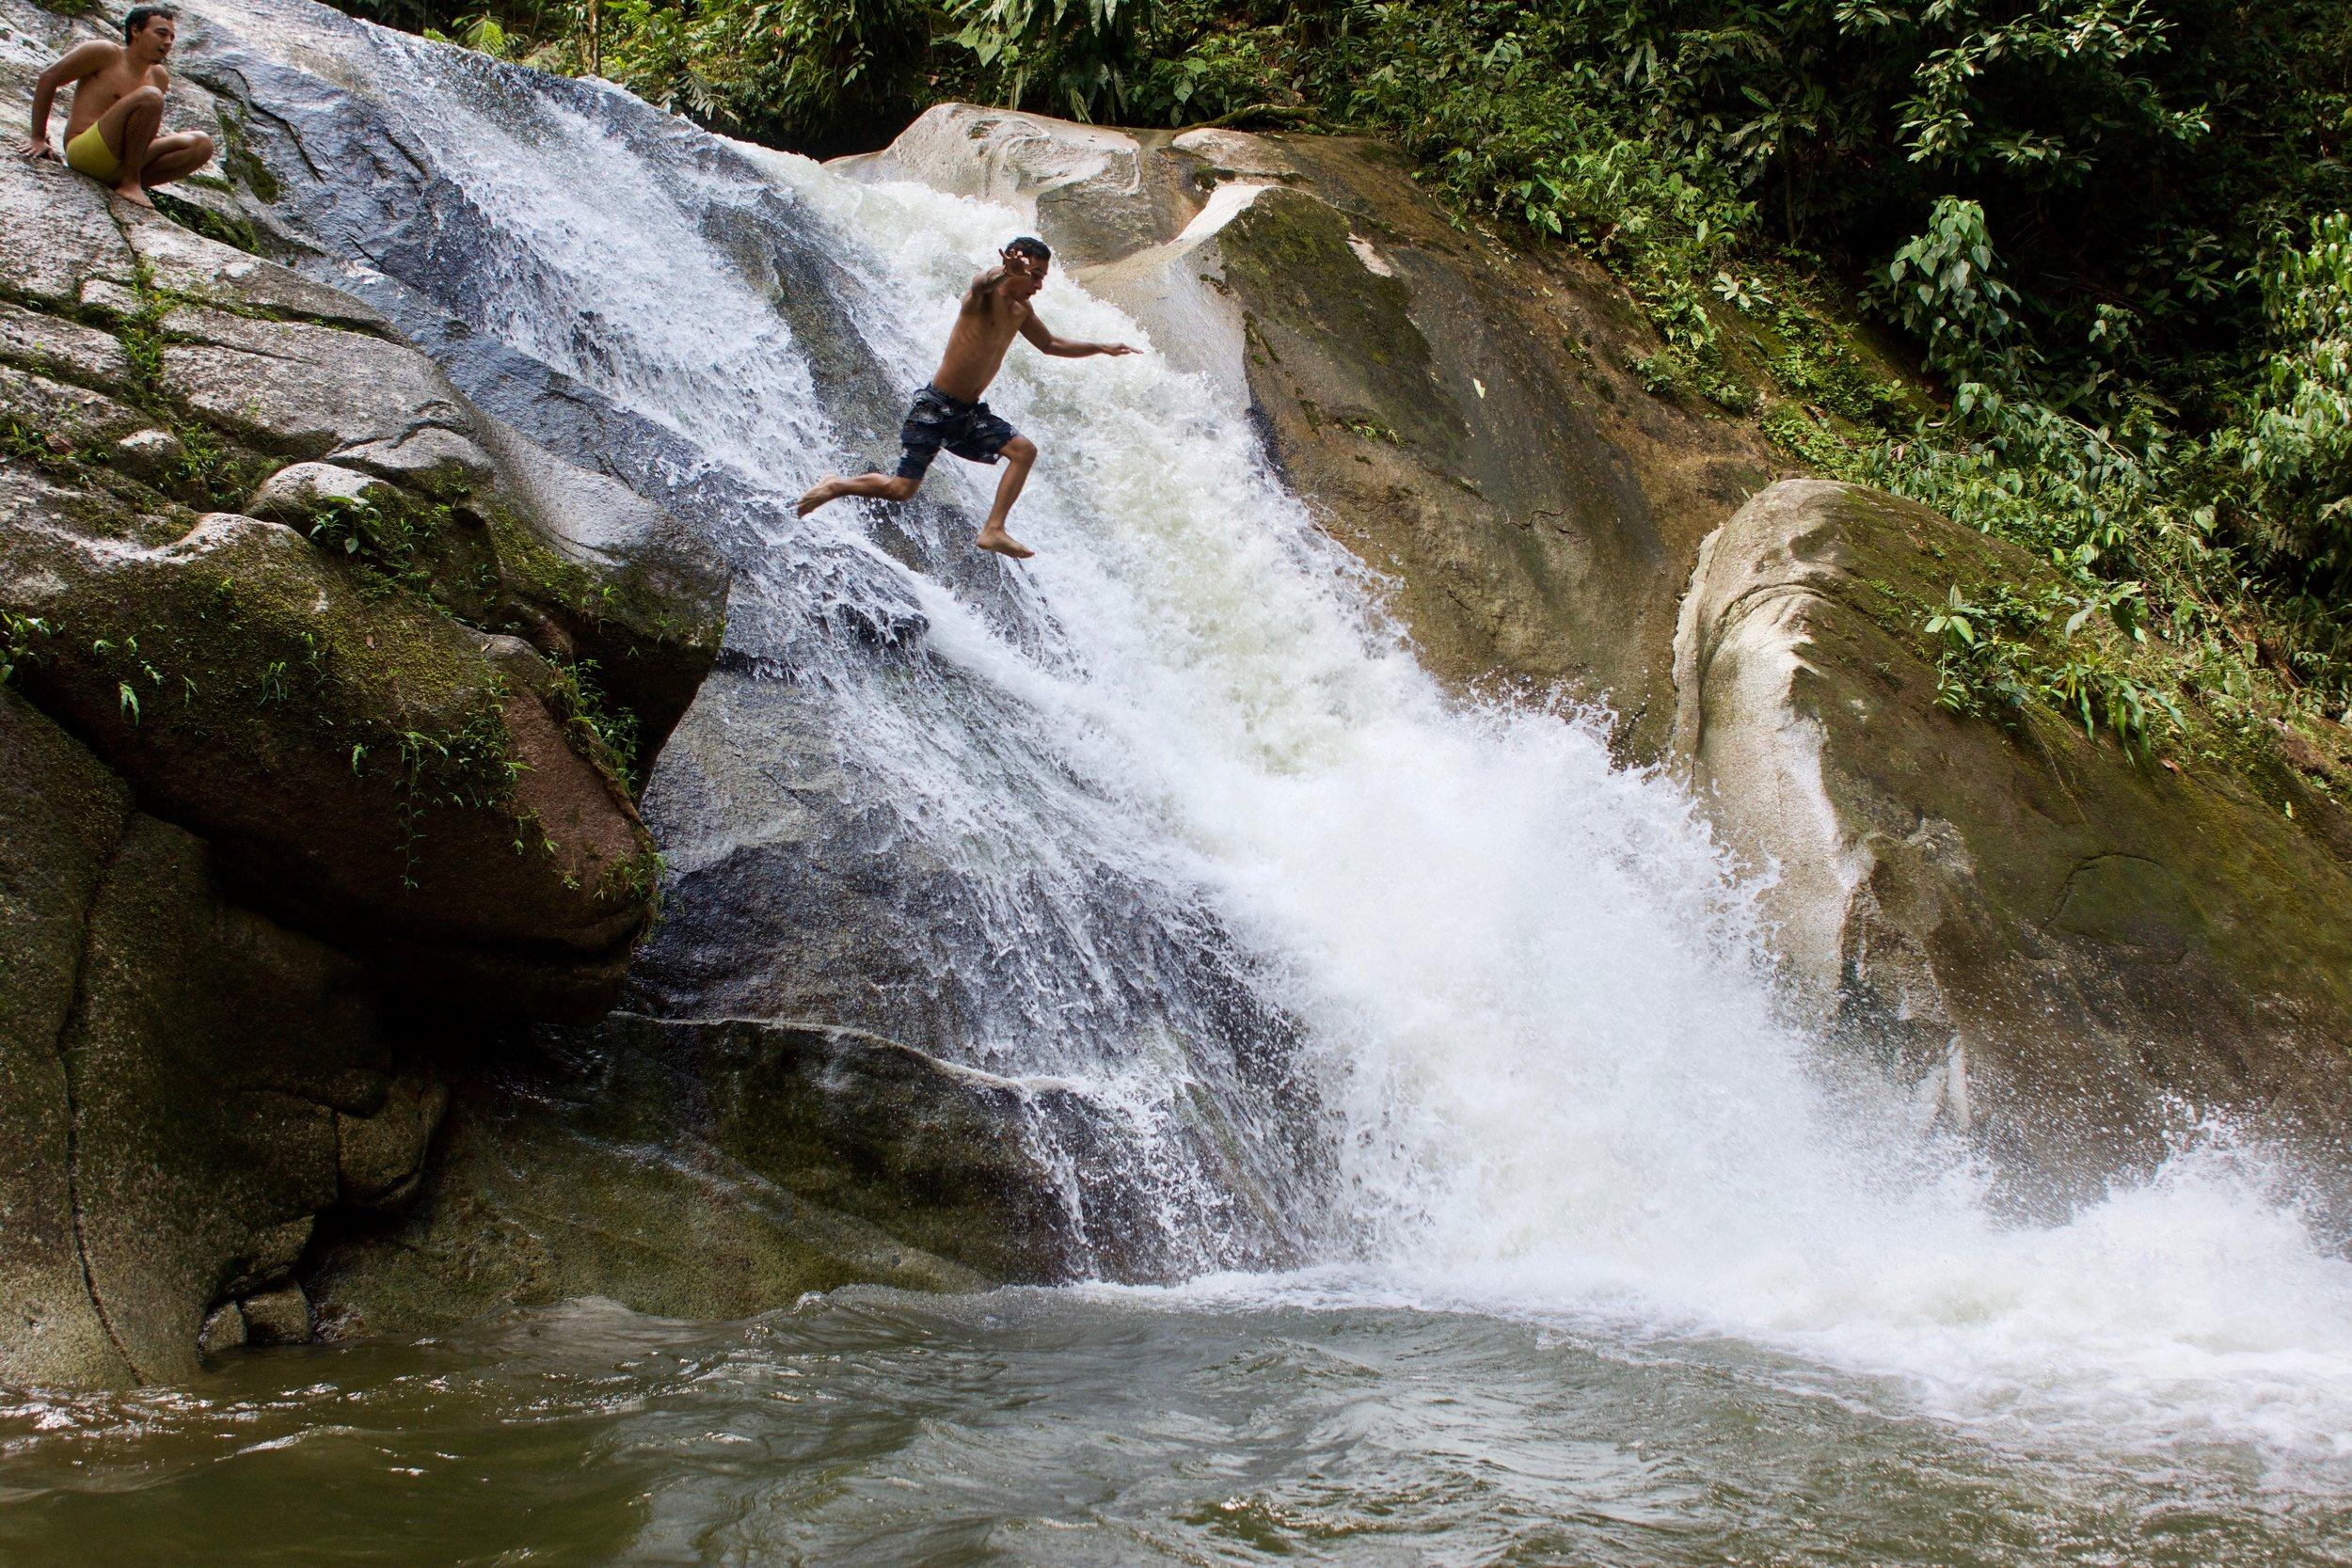 Daniel jumping off a waterfall